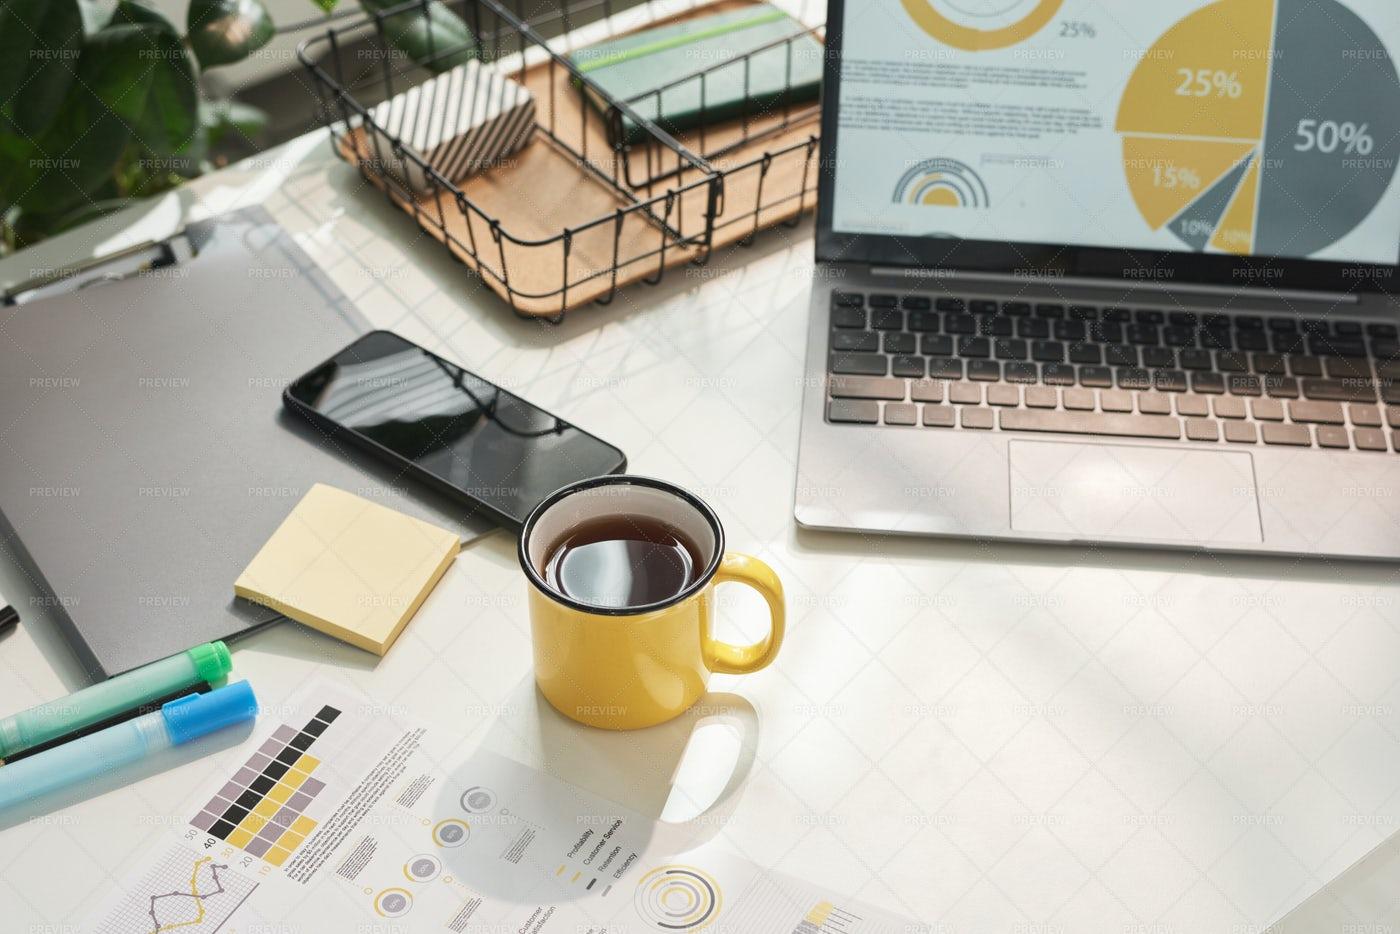 An Executive's Desk: Stock Photos